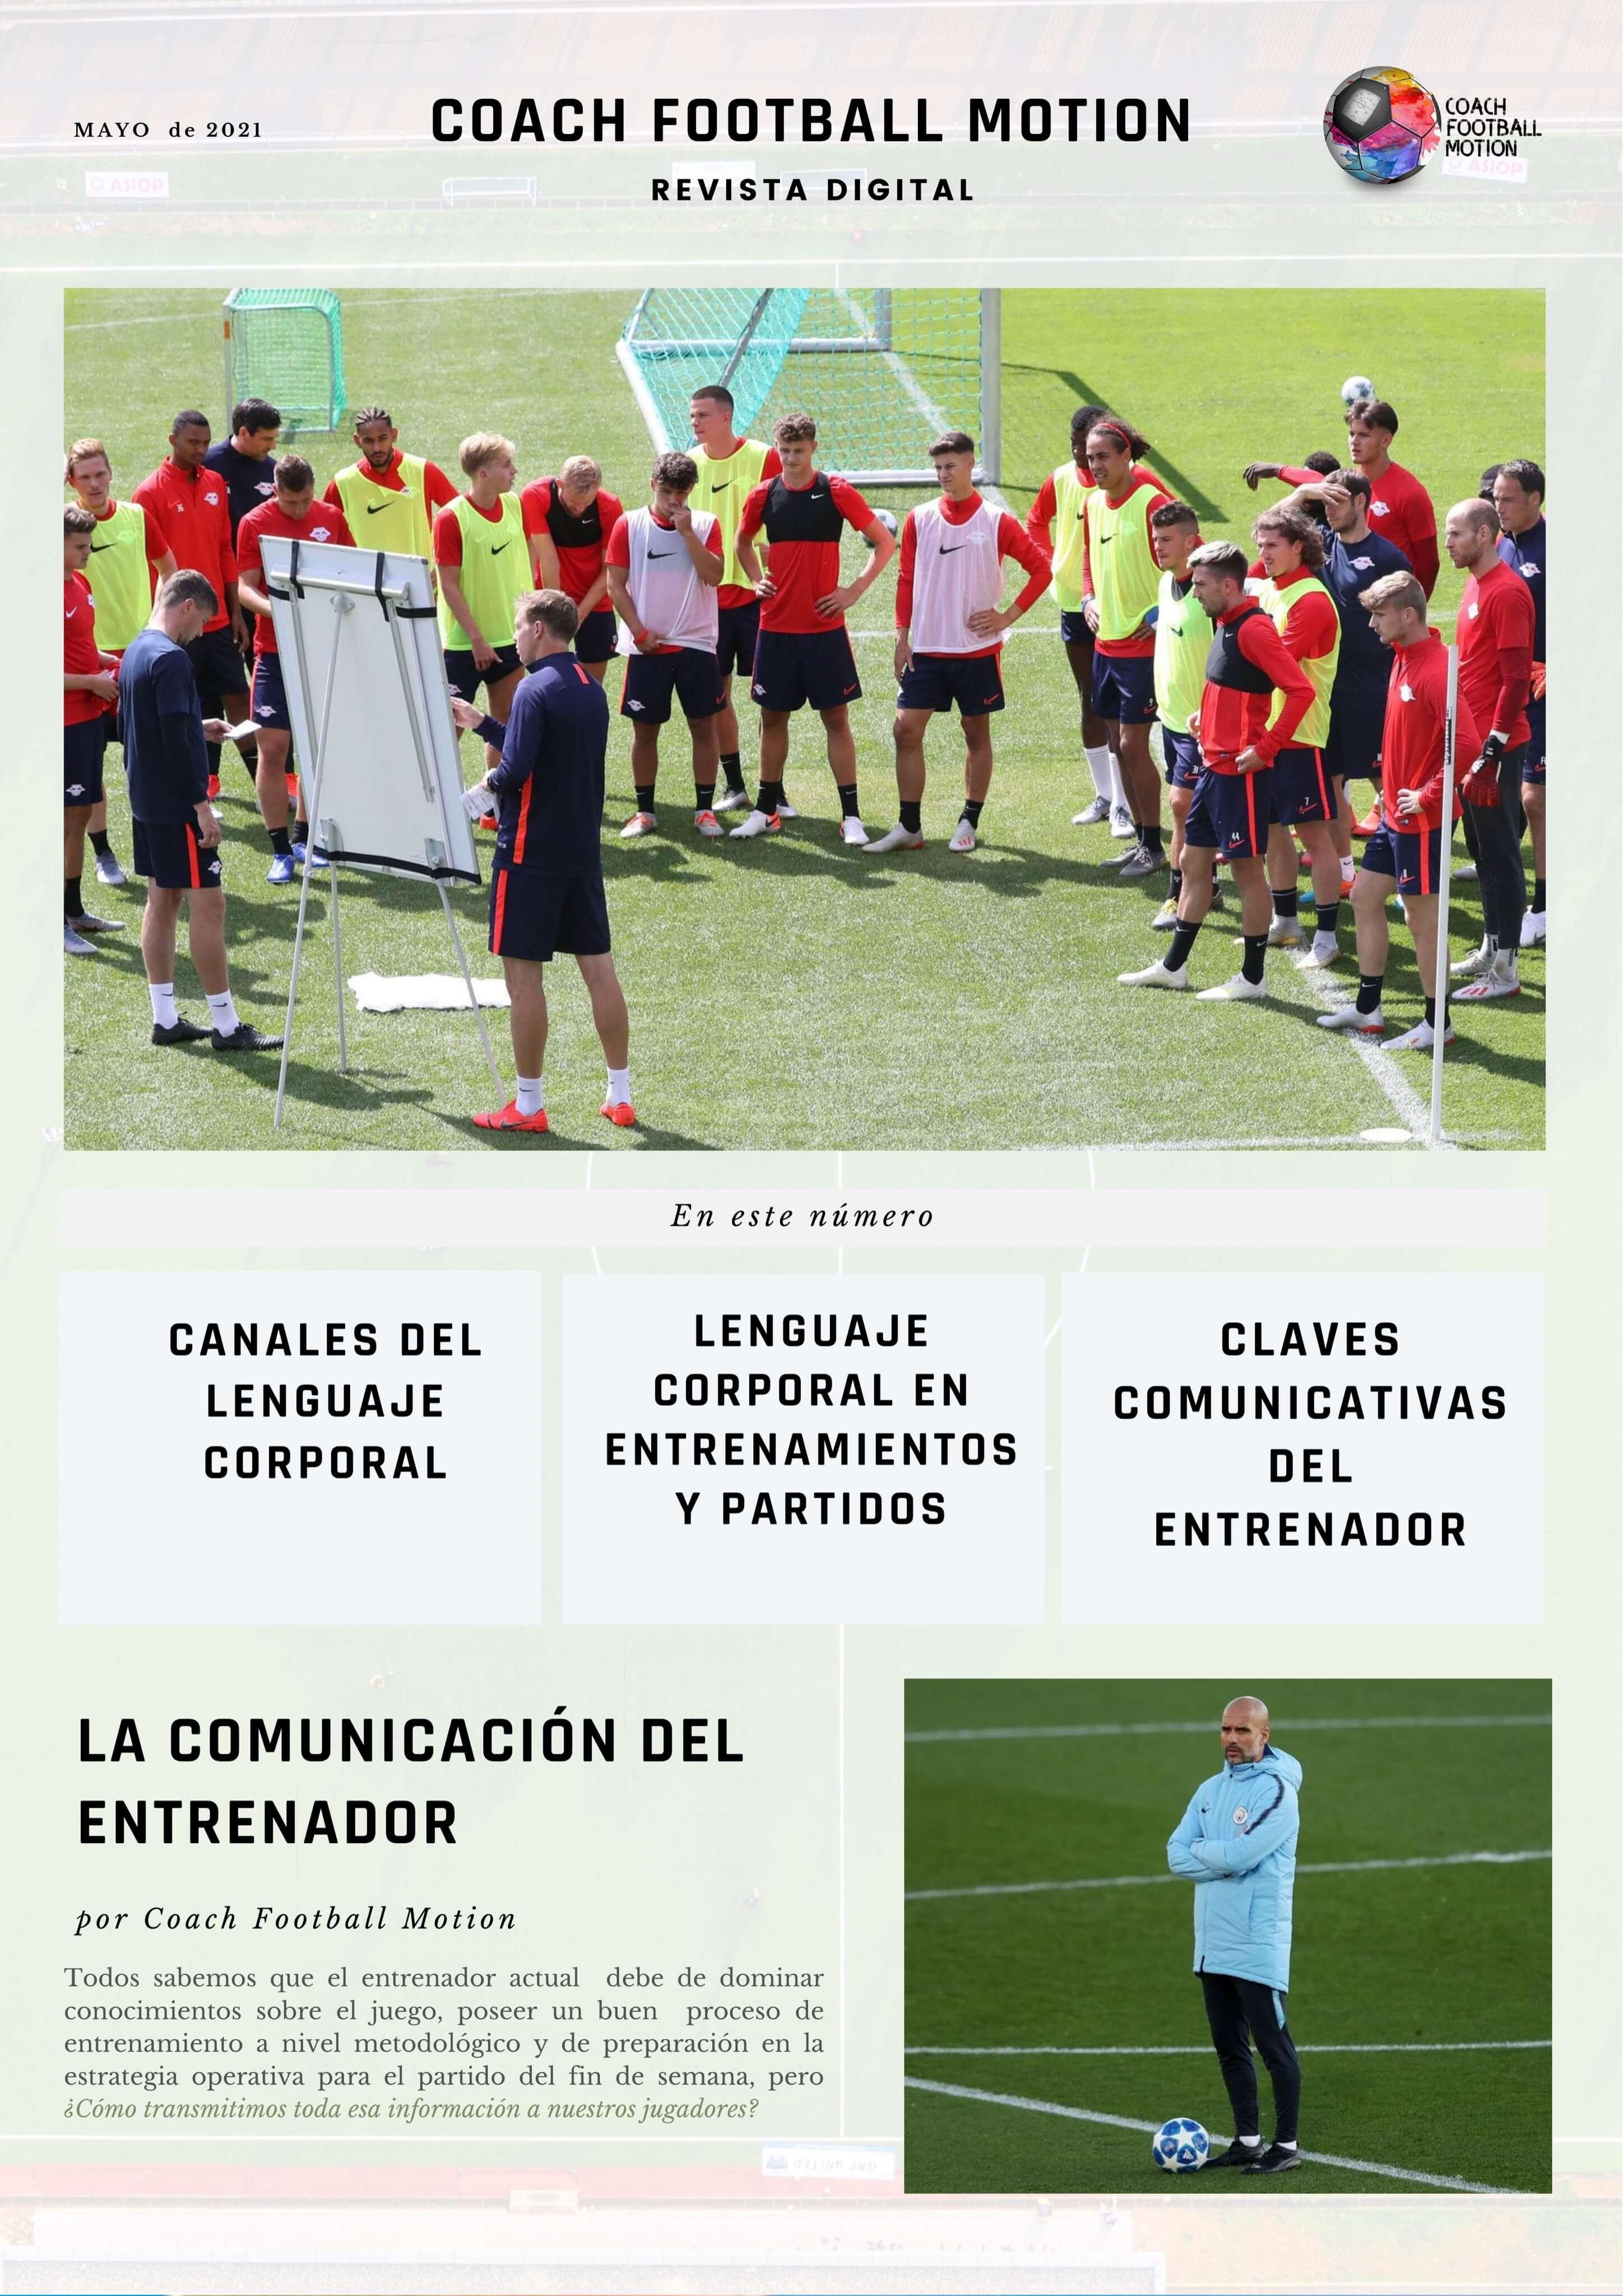 Lenguaje corporal del entrenador